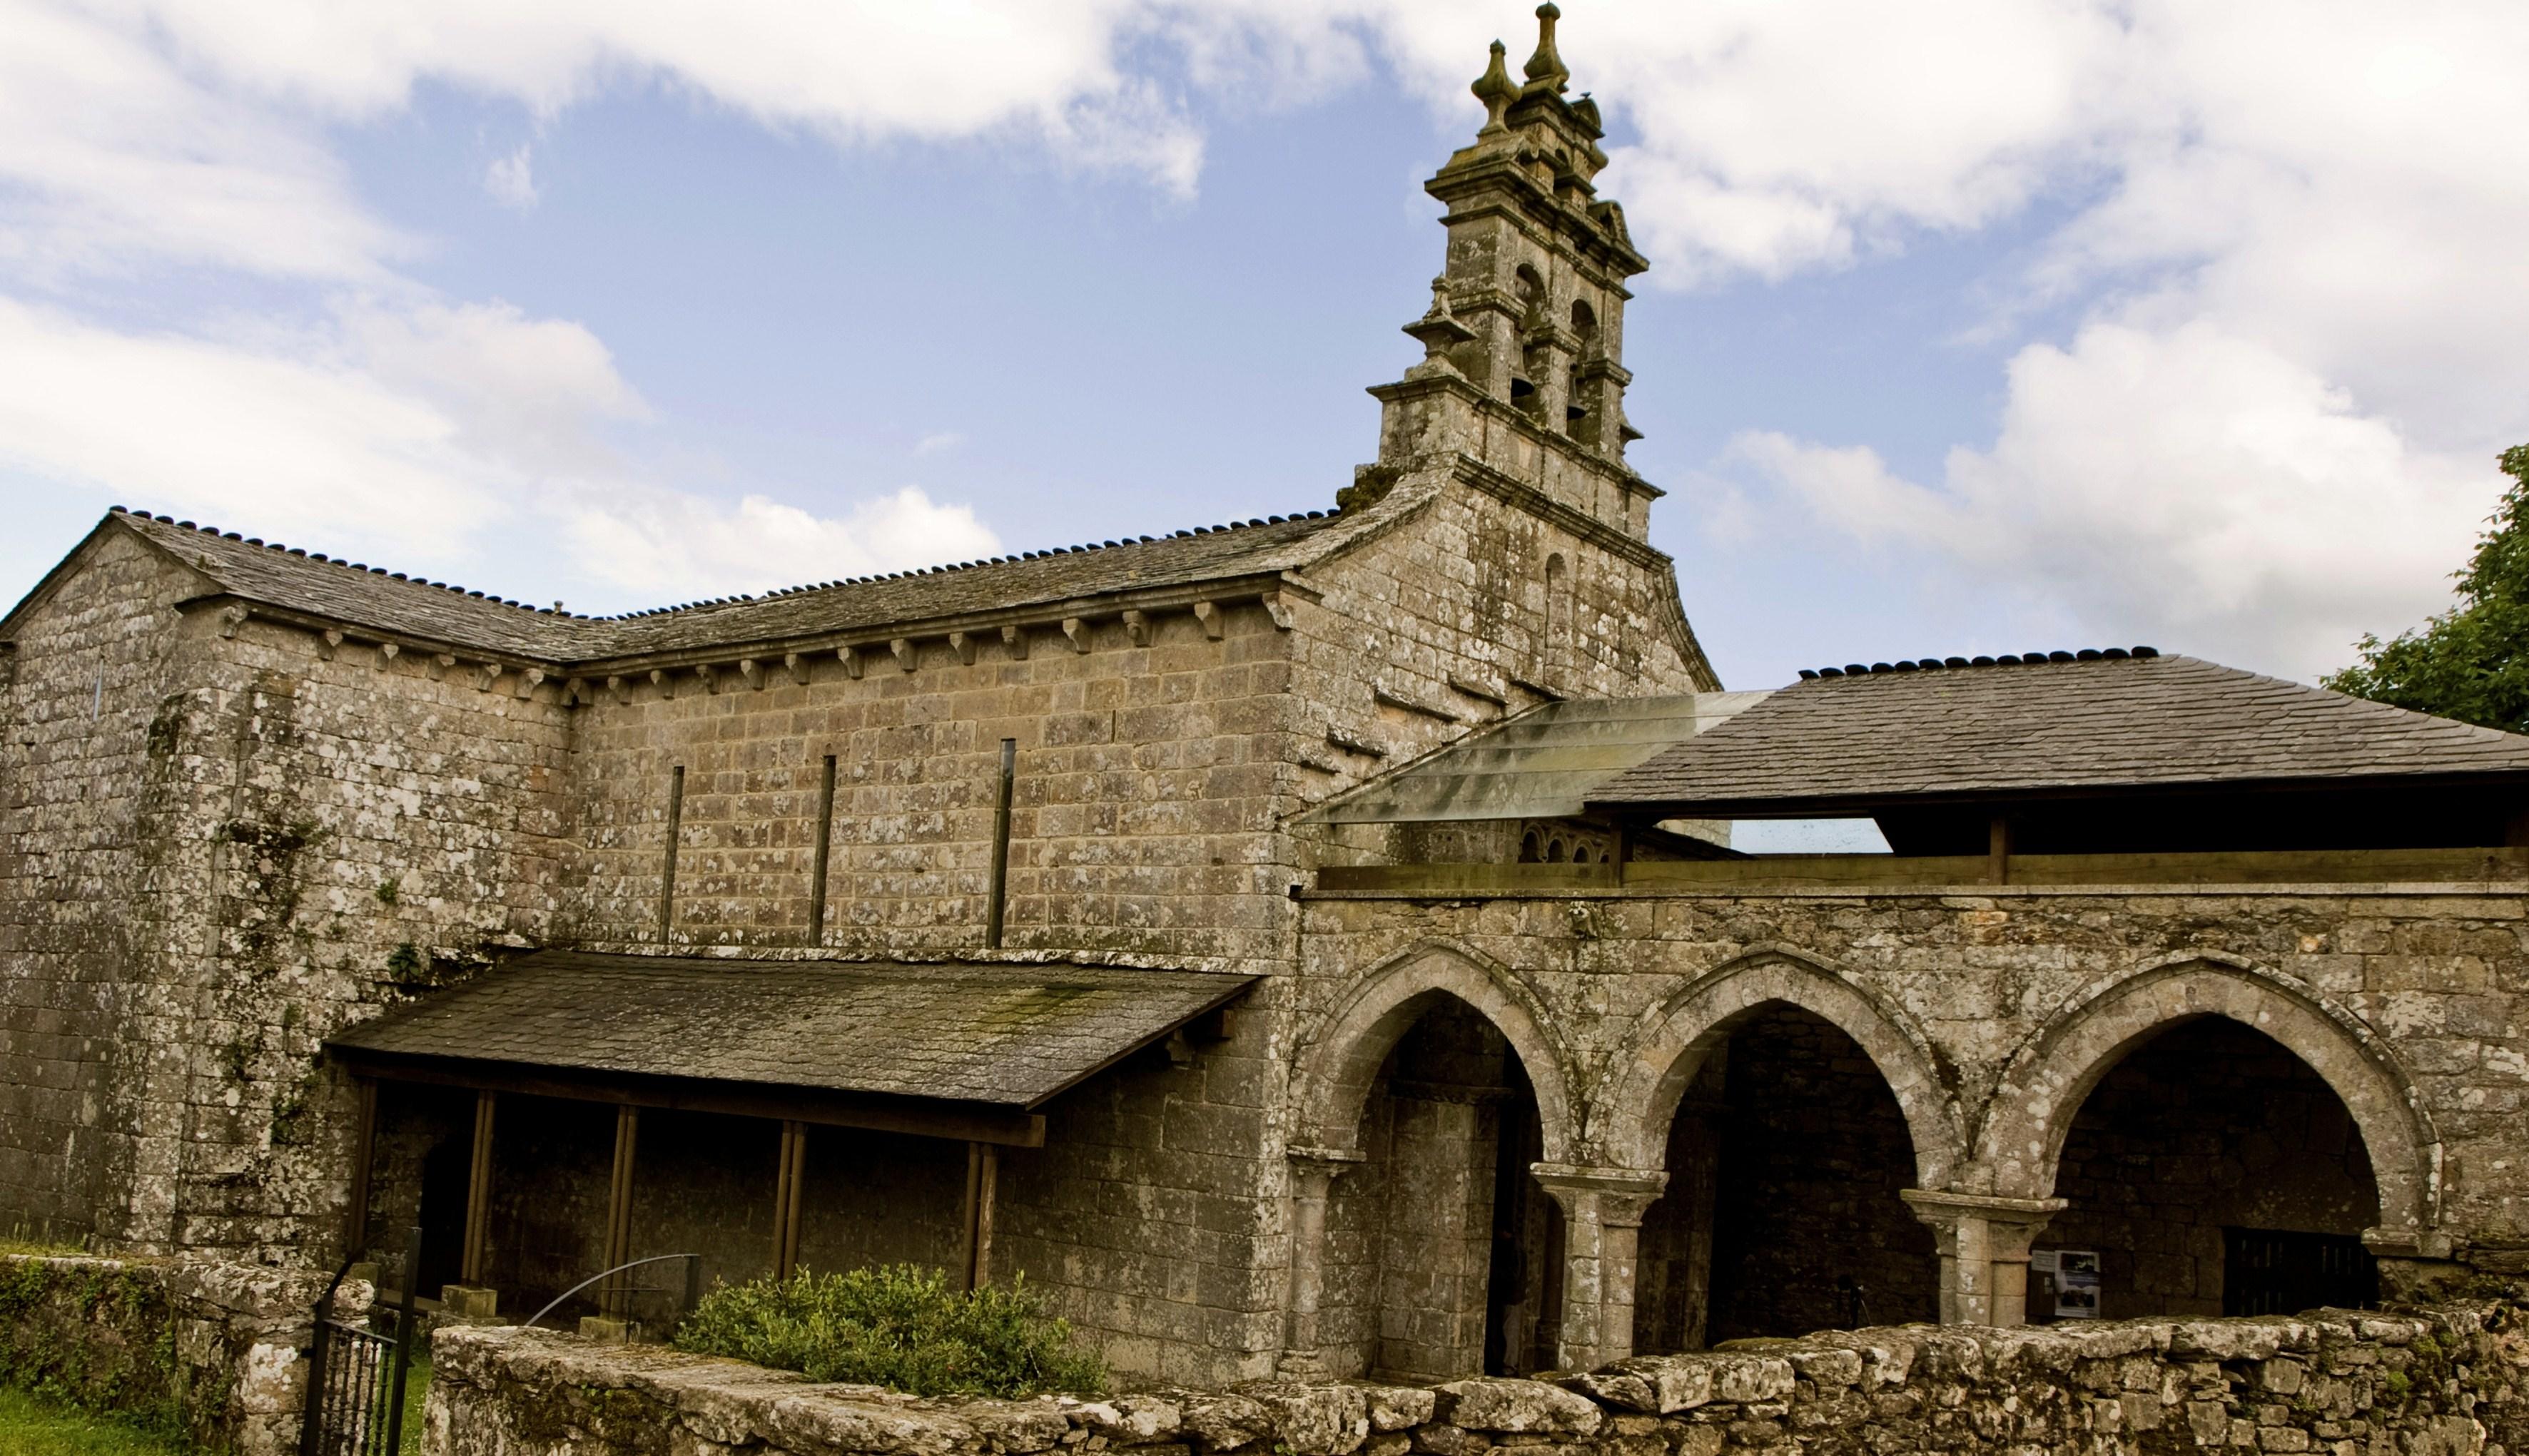 Palas de Rey Spain  City pictures : Opiniones de Palas de Rey